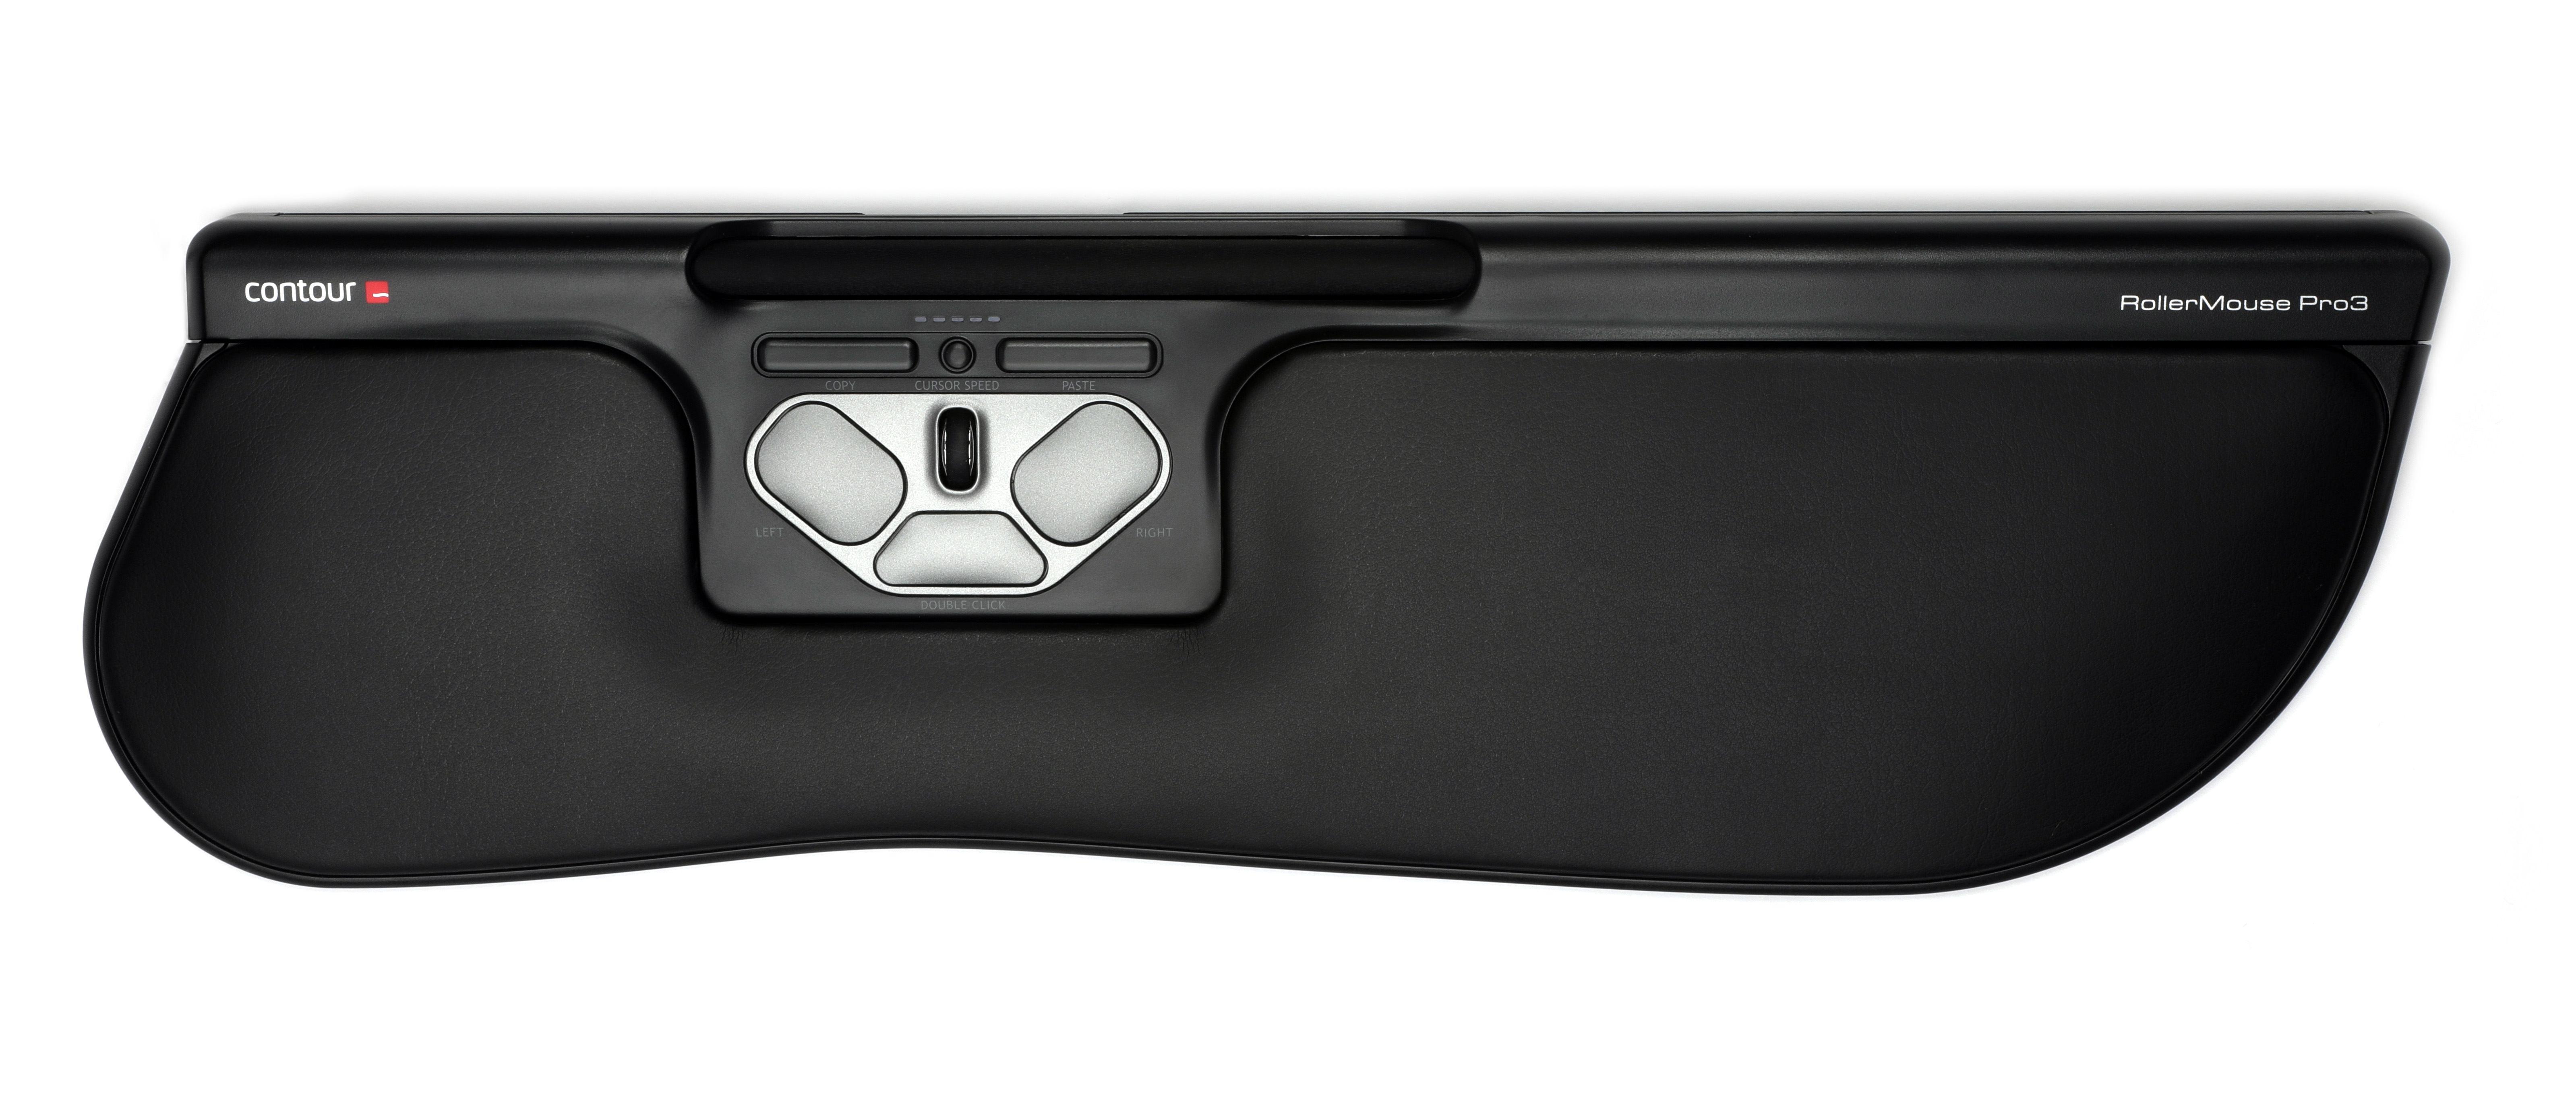 2498428-Contour-Design-RM-PRO3-PLUS-mouse-USB-2400-DPI-Contour-RollerMouse-Pro3